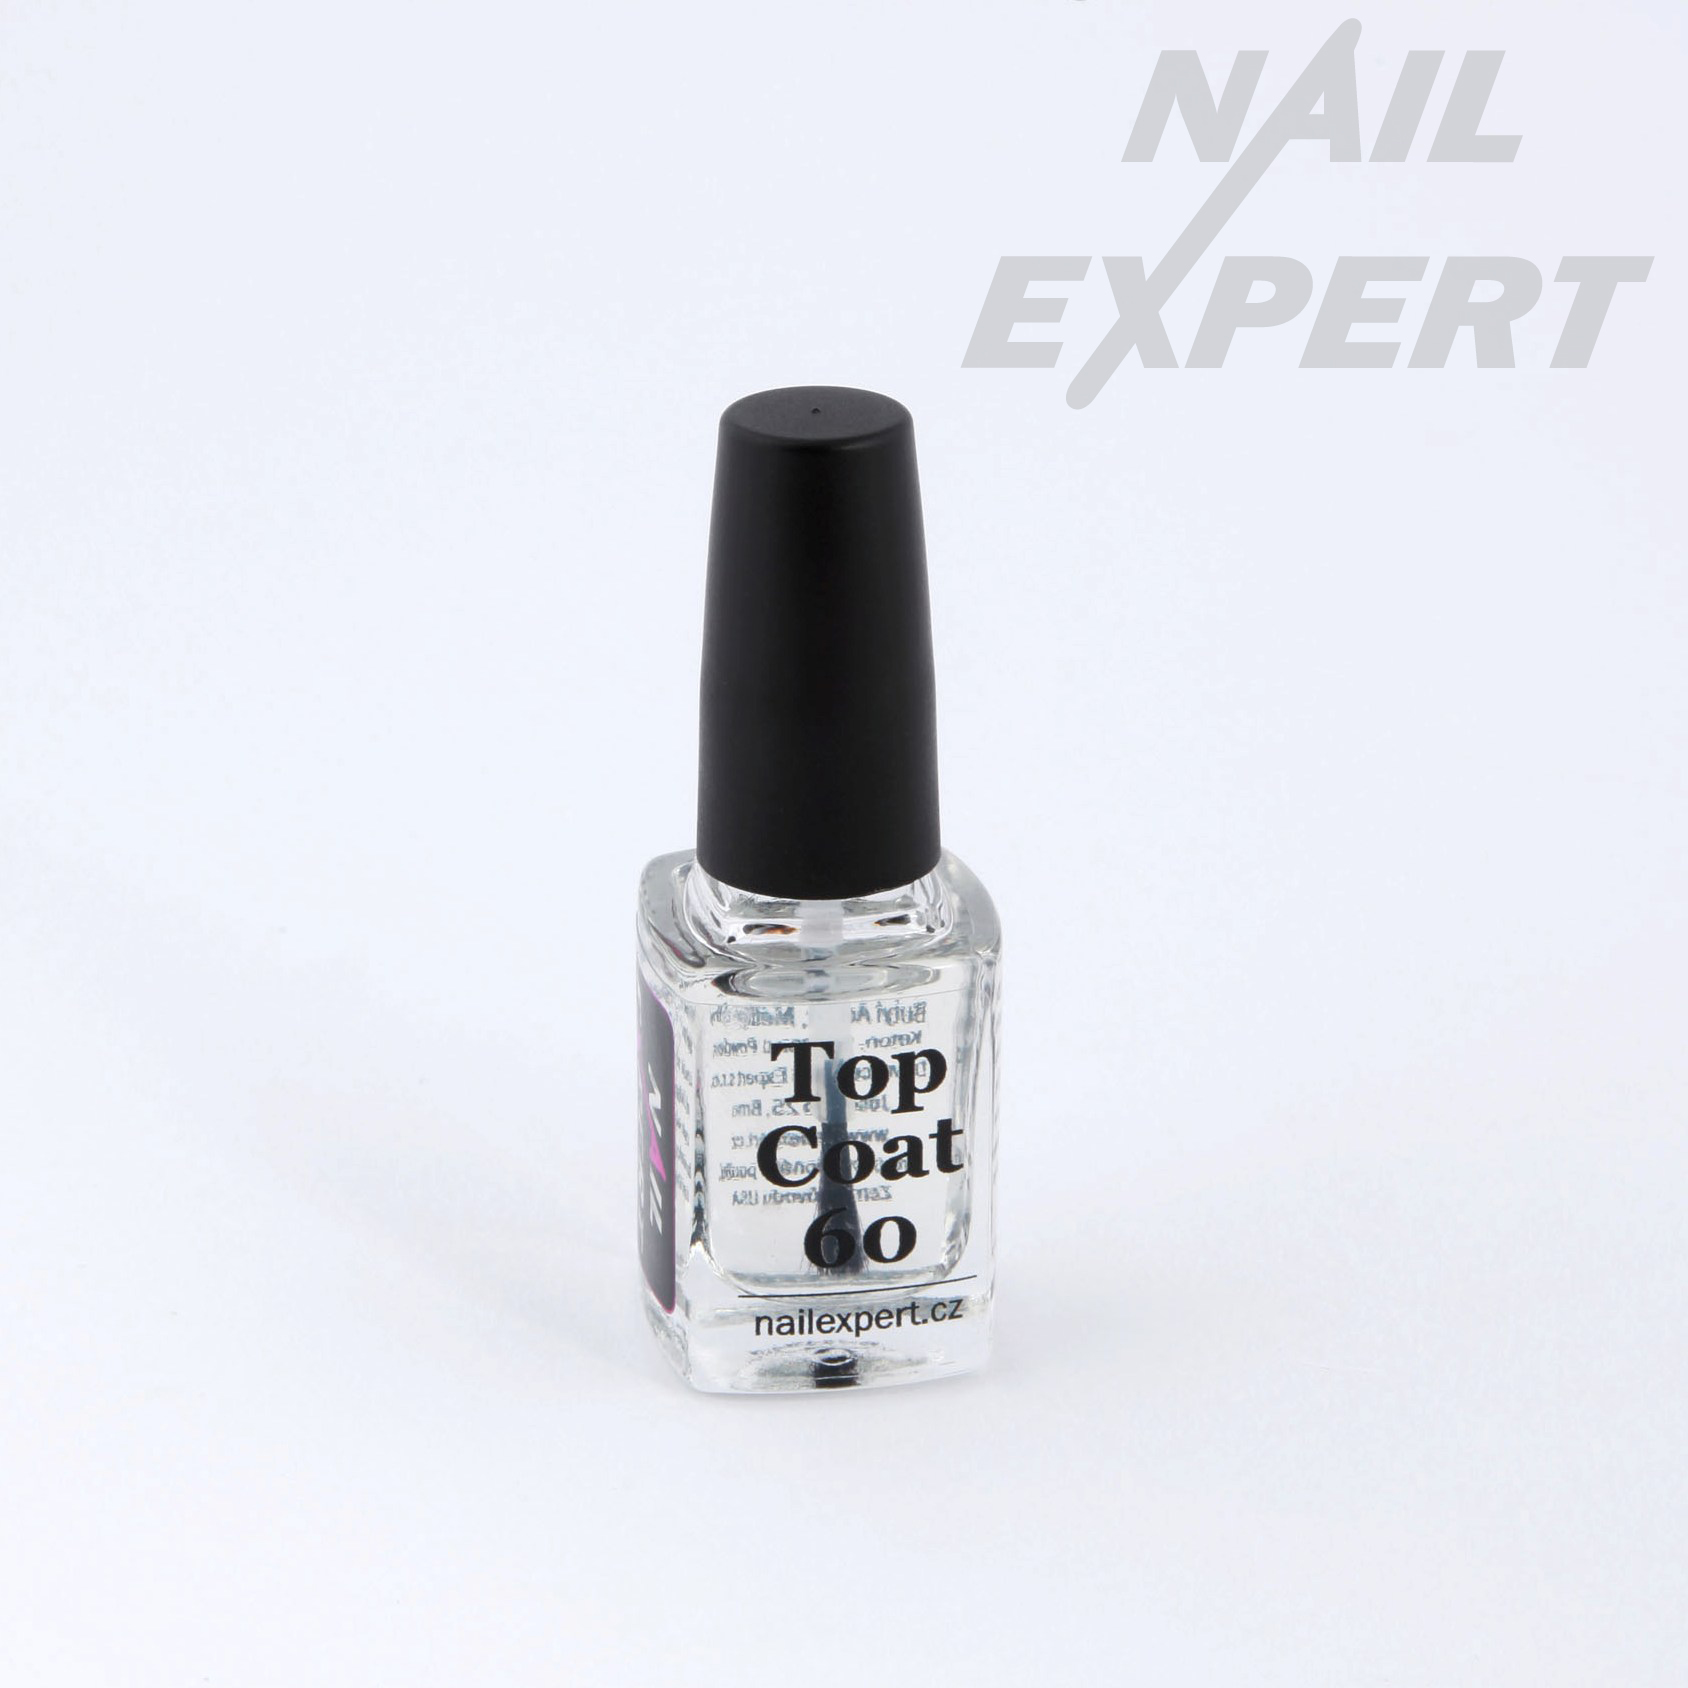 Nail Expert Top lak